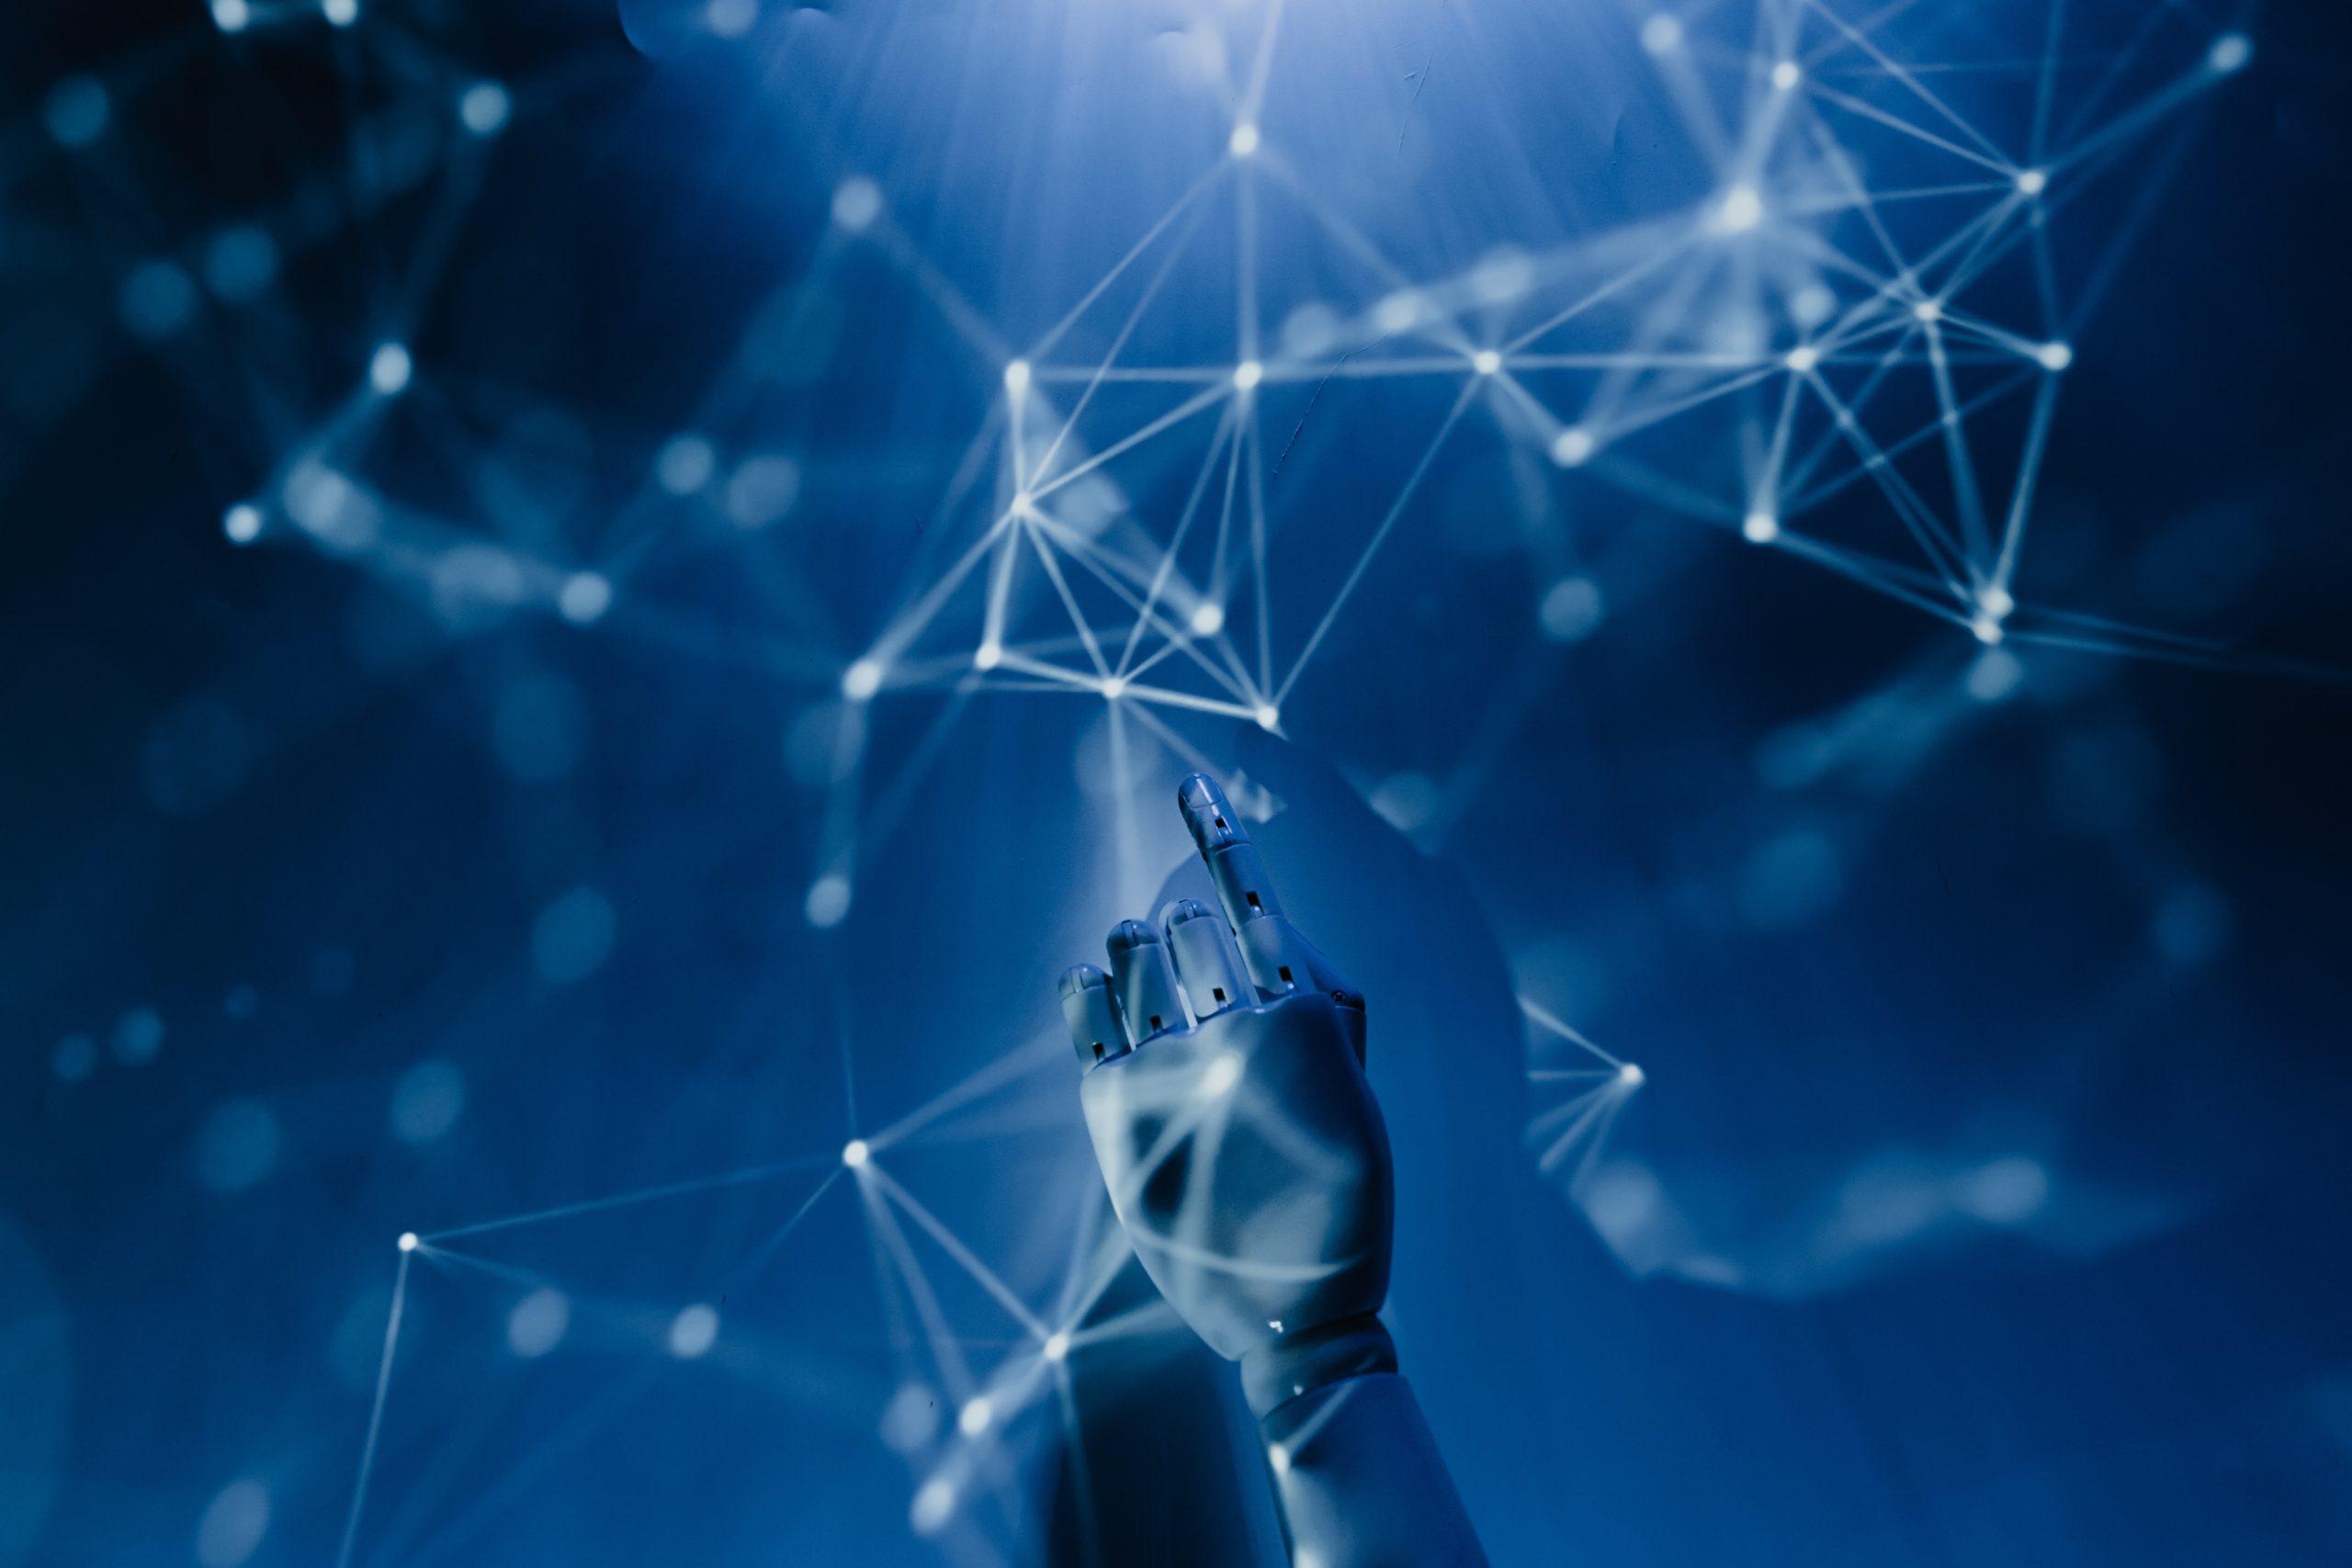 5 mitai apie dirbtinį intelektą: ką apie šias sparčiai tobulėjančias technologijas turėtų žinoti kiekvienas?